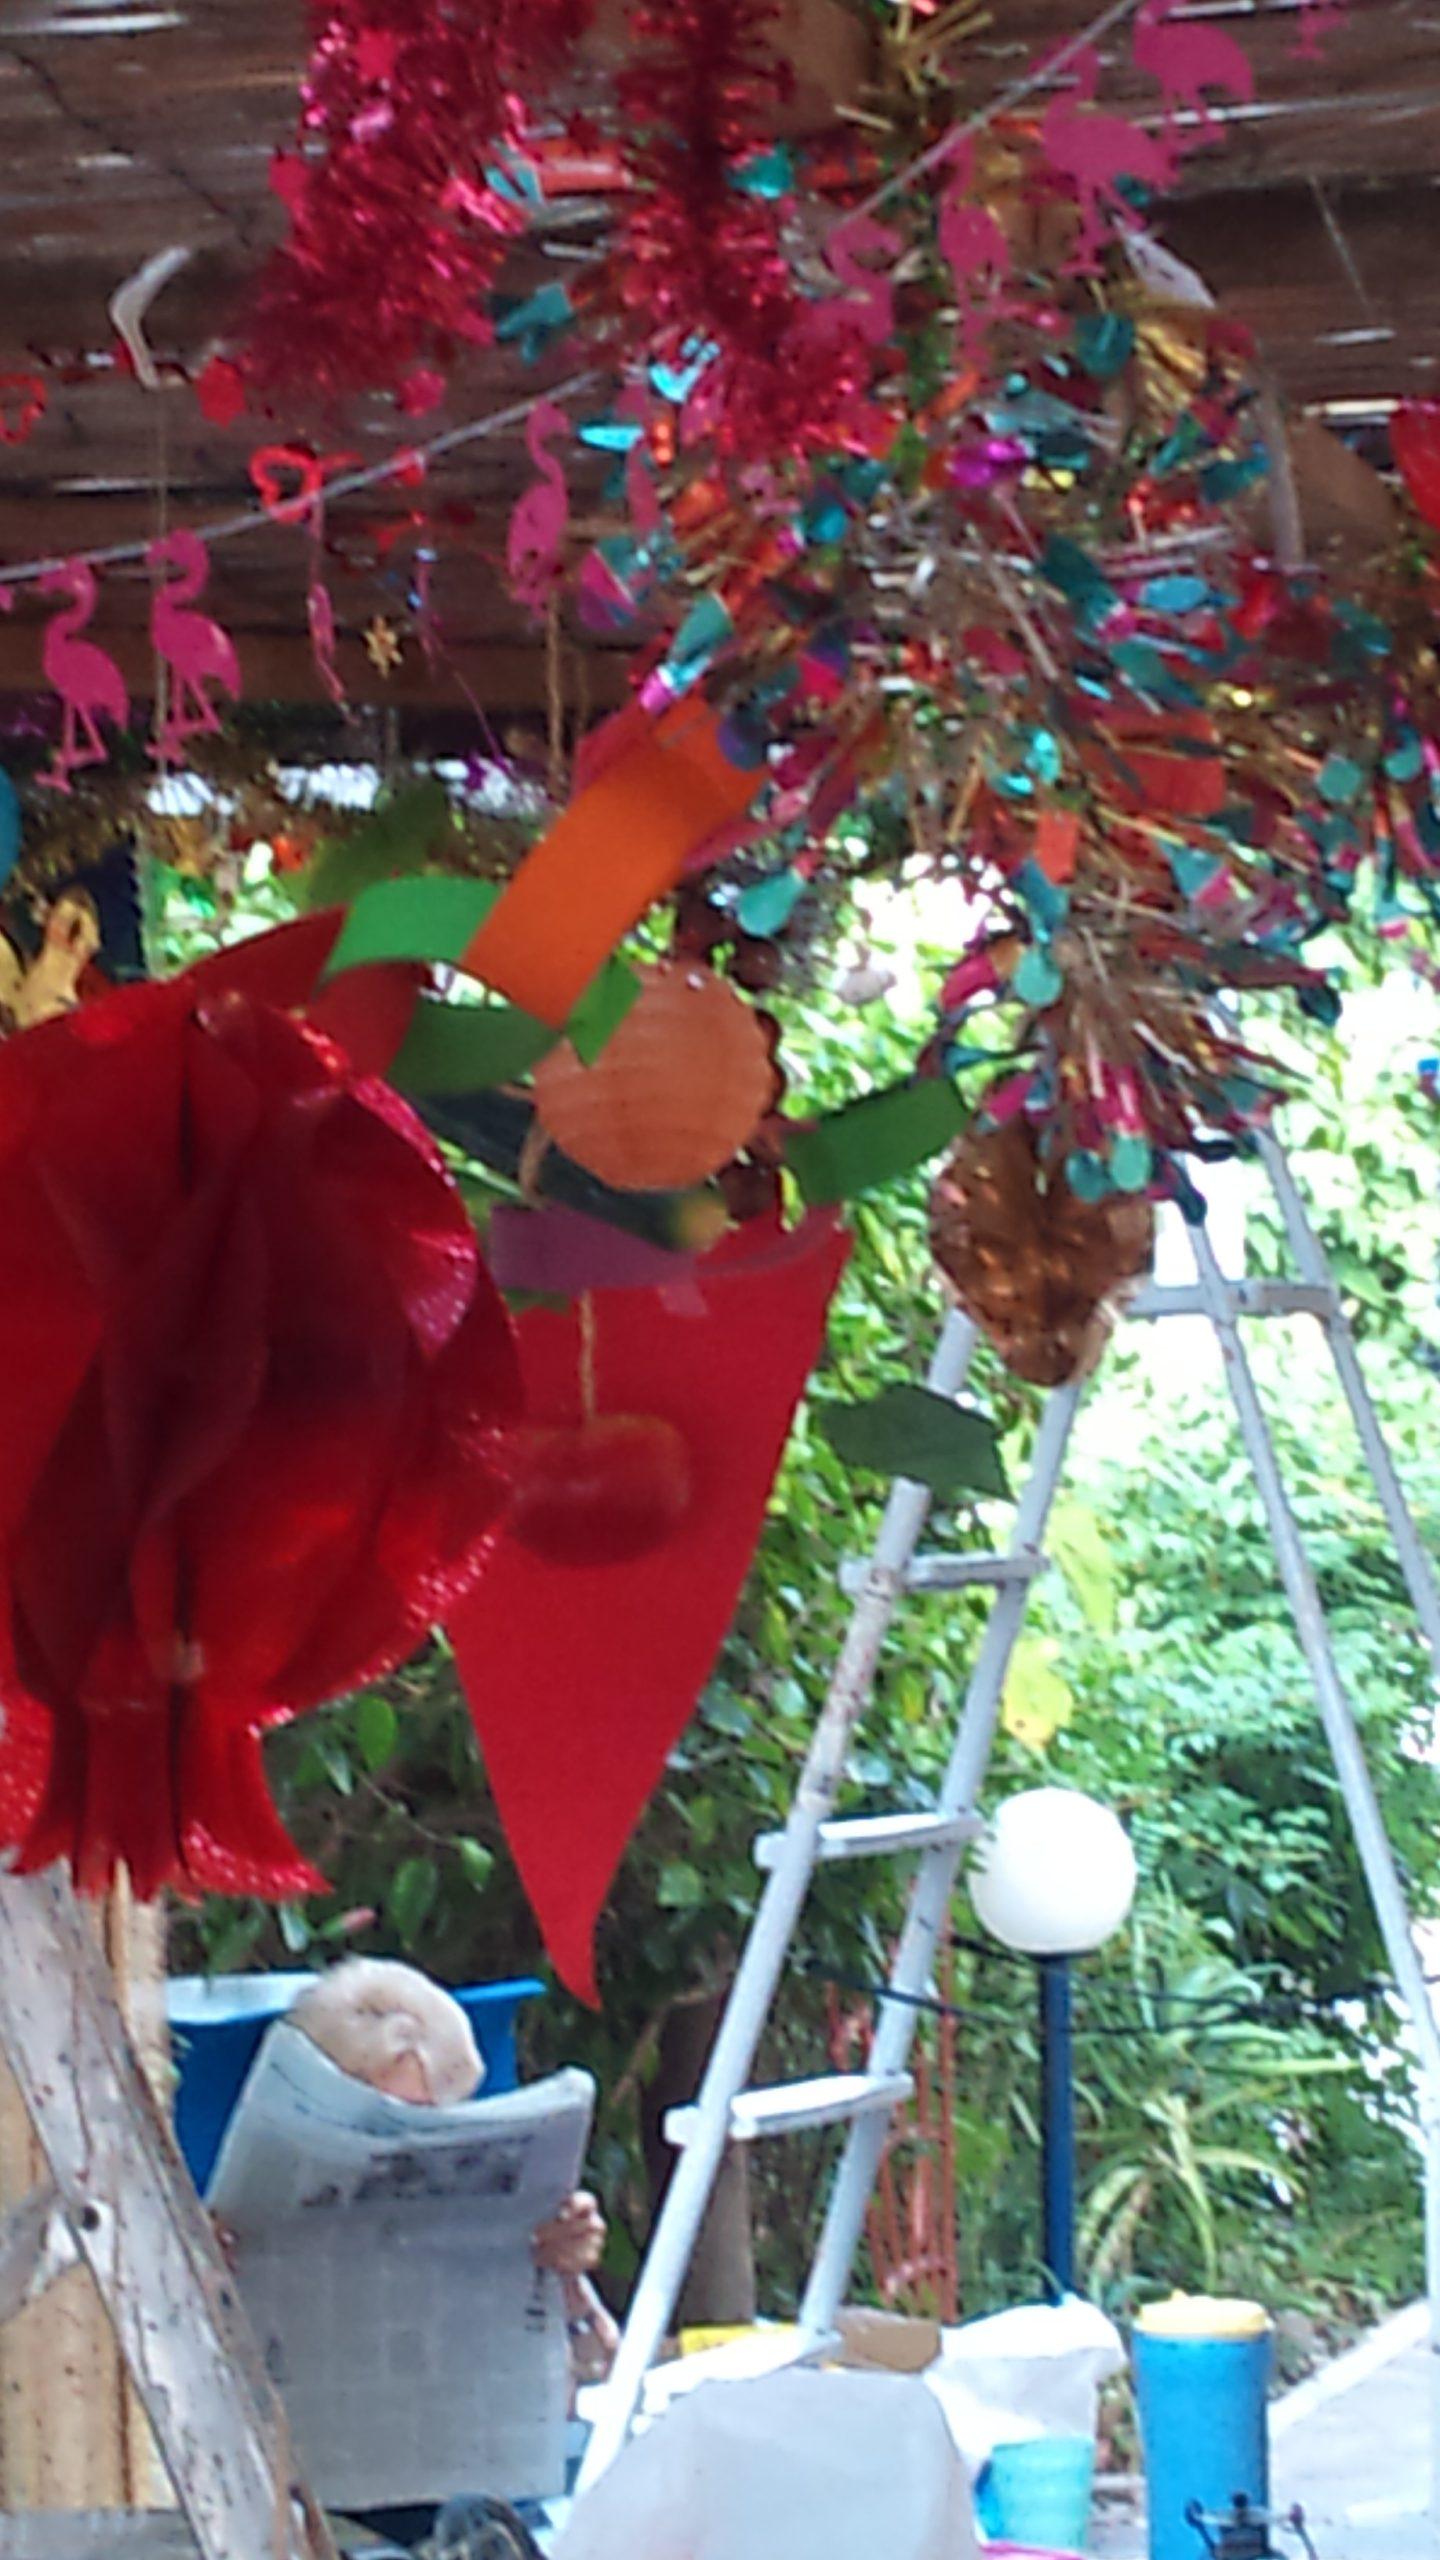 Under the Sukkah decorations